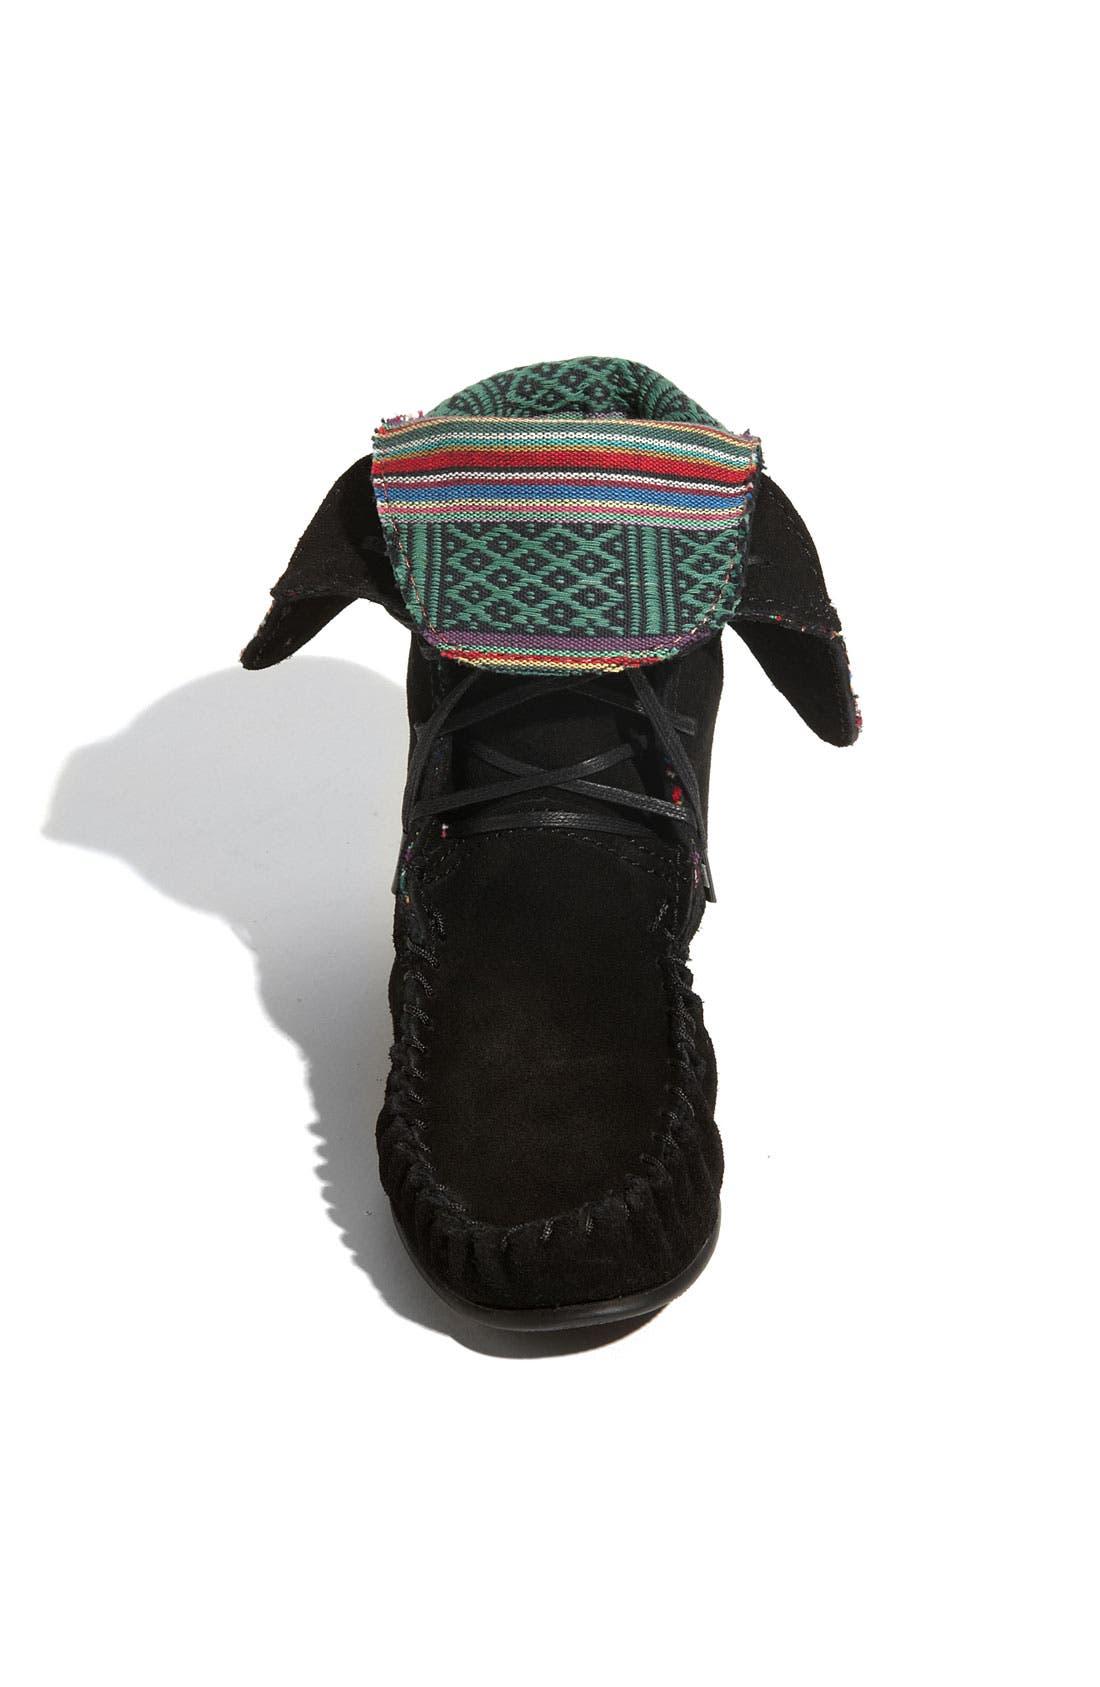 STEVE MADDEN, 'Tblanket' Moc Boot, Alternate thumbnail 3, color, 015